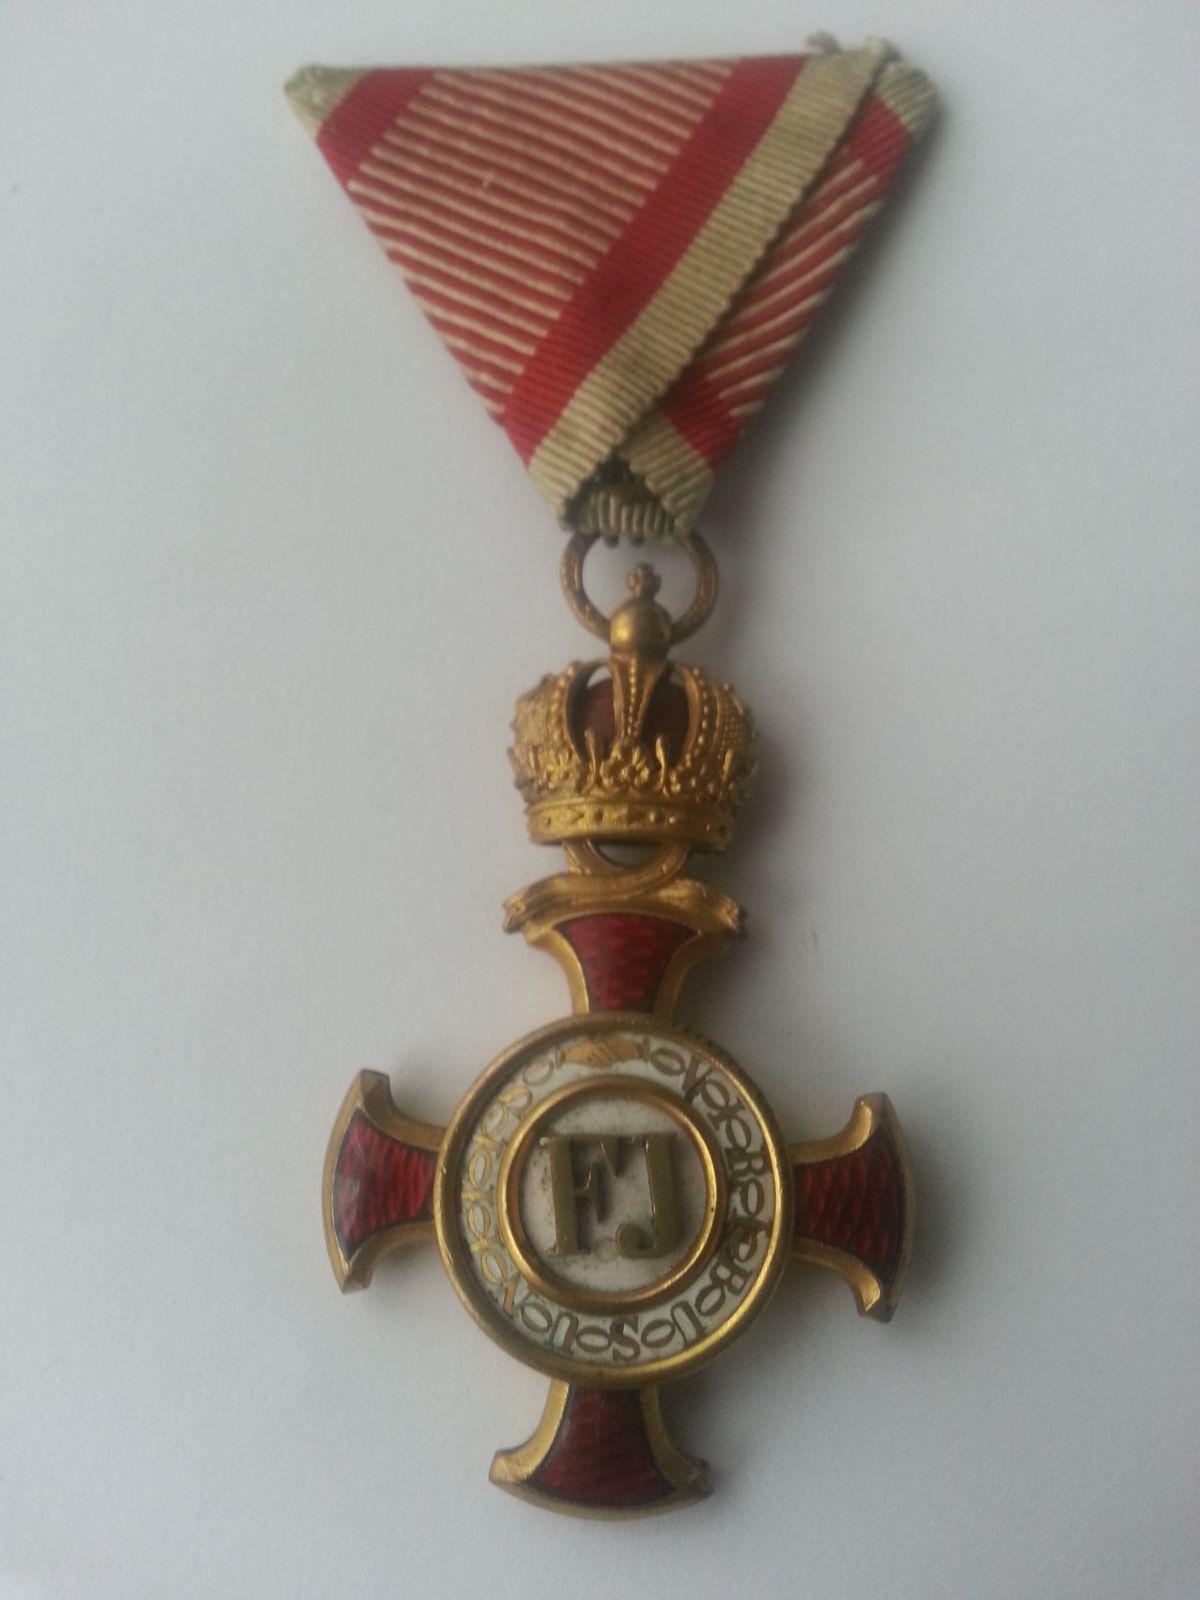 Kříž 1849, s korunou, Rakousko, malá vada smaltu